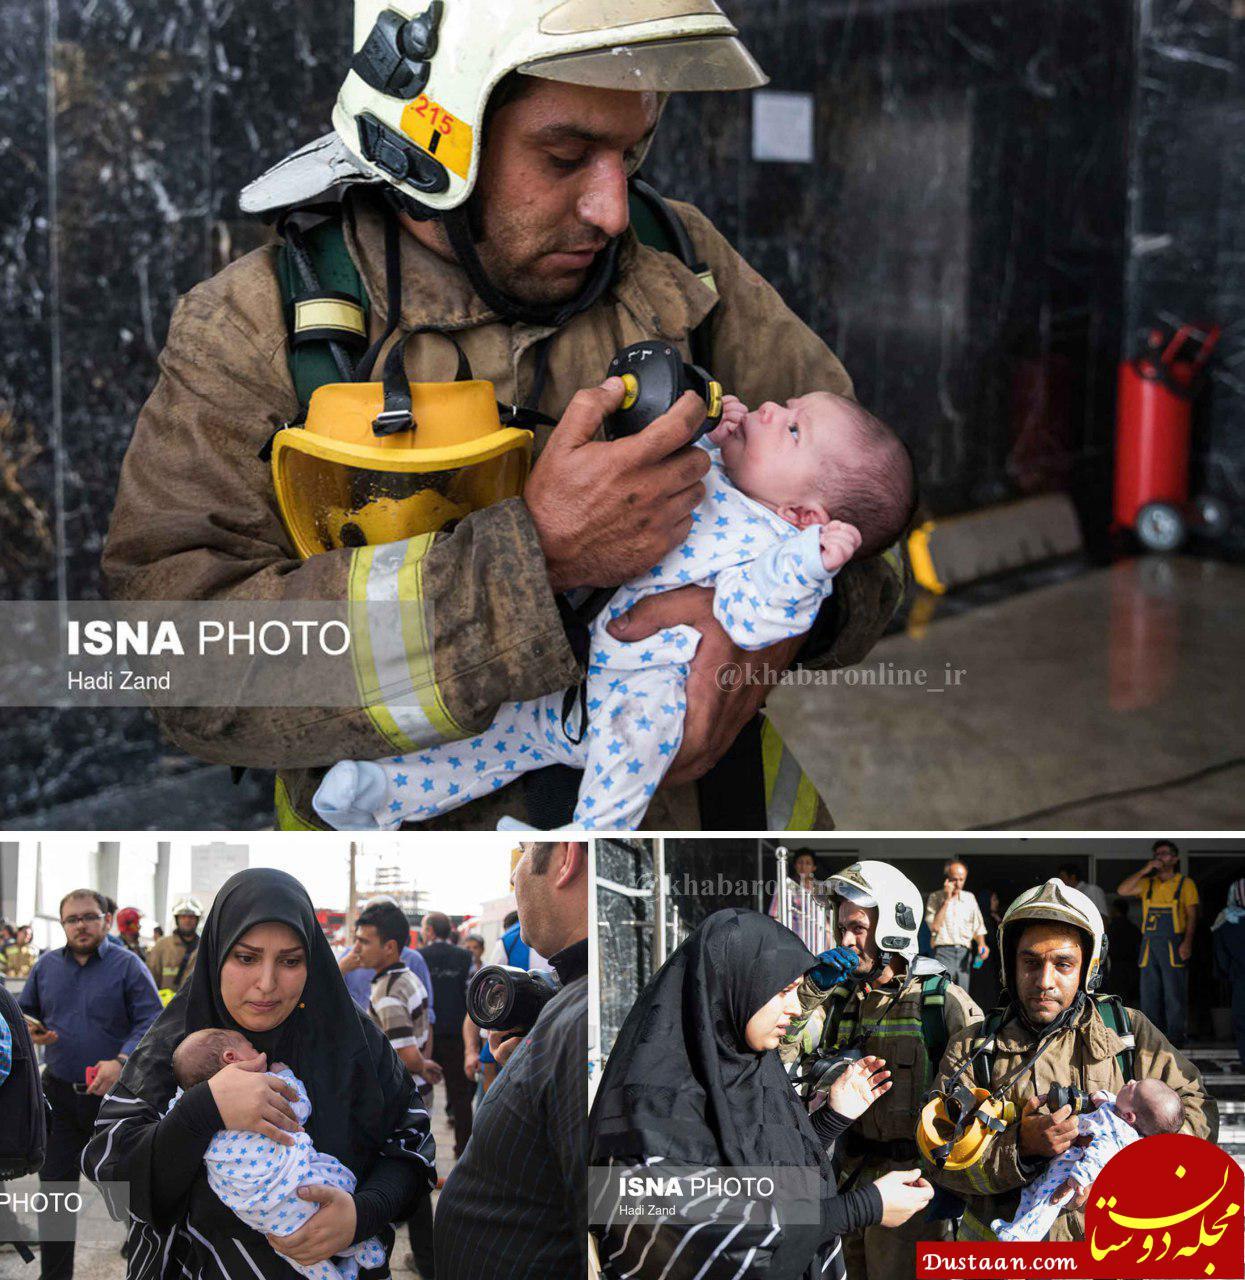 www.dustaan.com تصویری متفاوت از آتش سوزی یک برج در منطقه 22 تهران